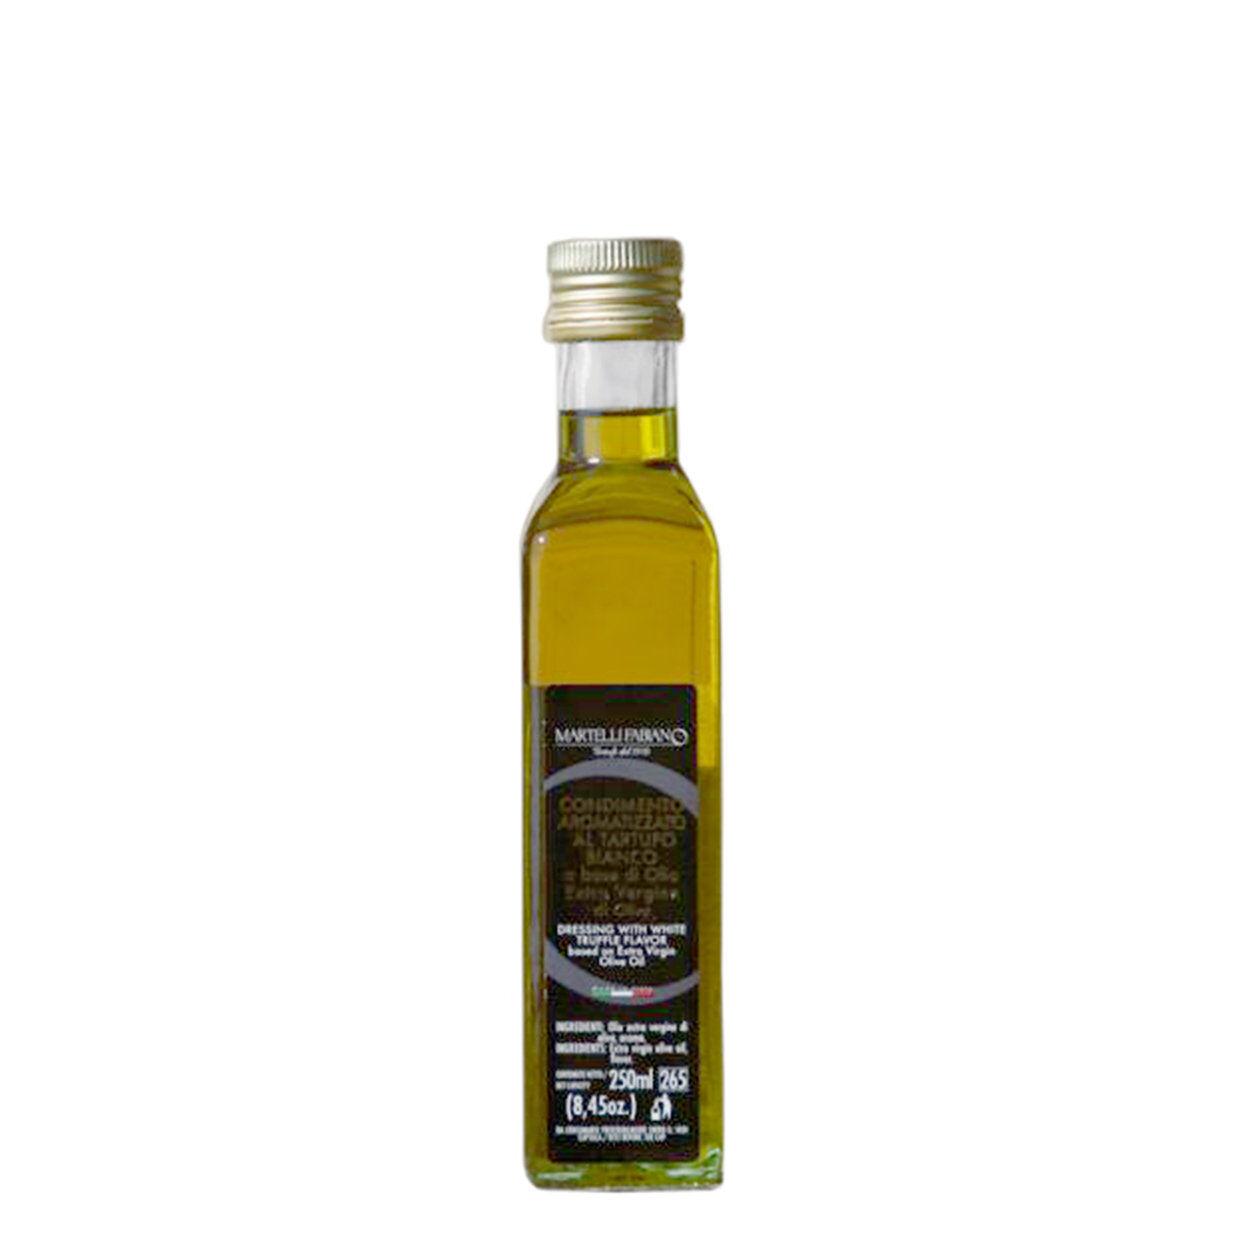 Martelli Fabiano Tartufi 1 bottiglia - Condimento aromatizzato al Tartufo Bianco 250 ml